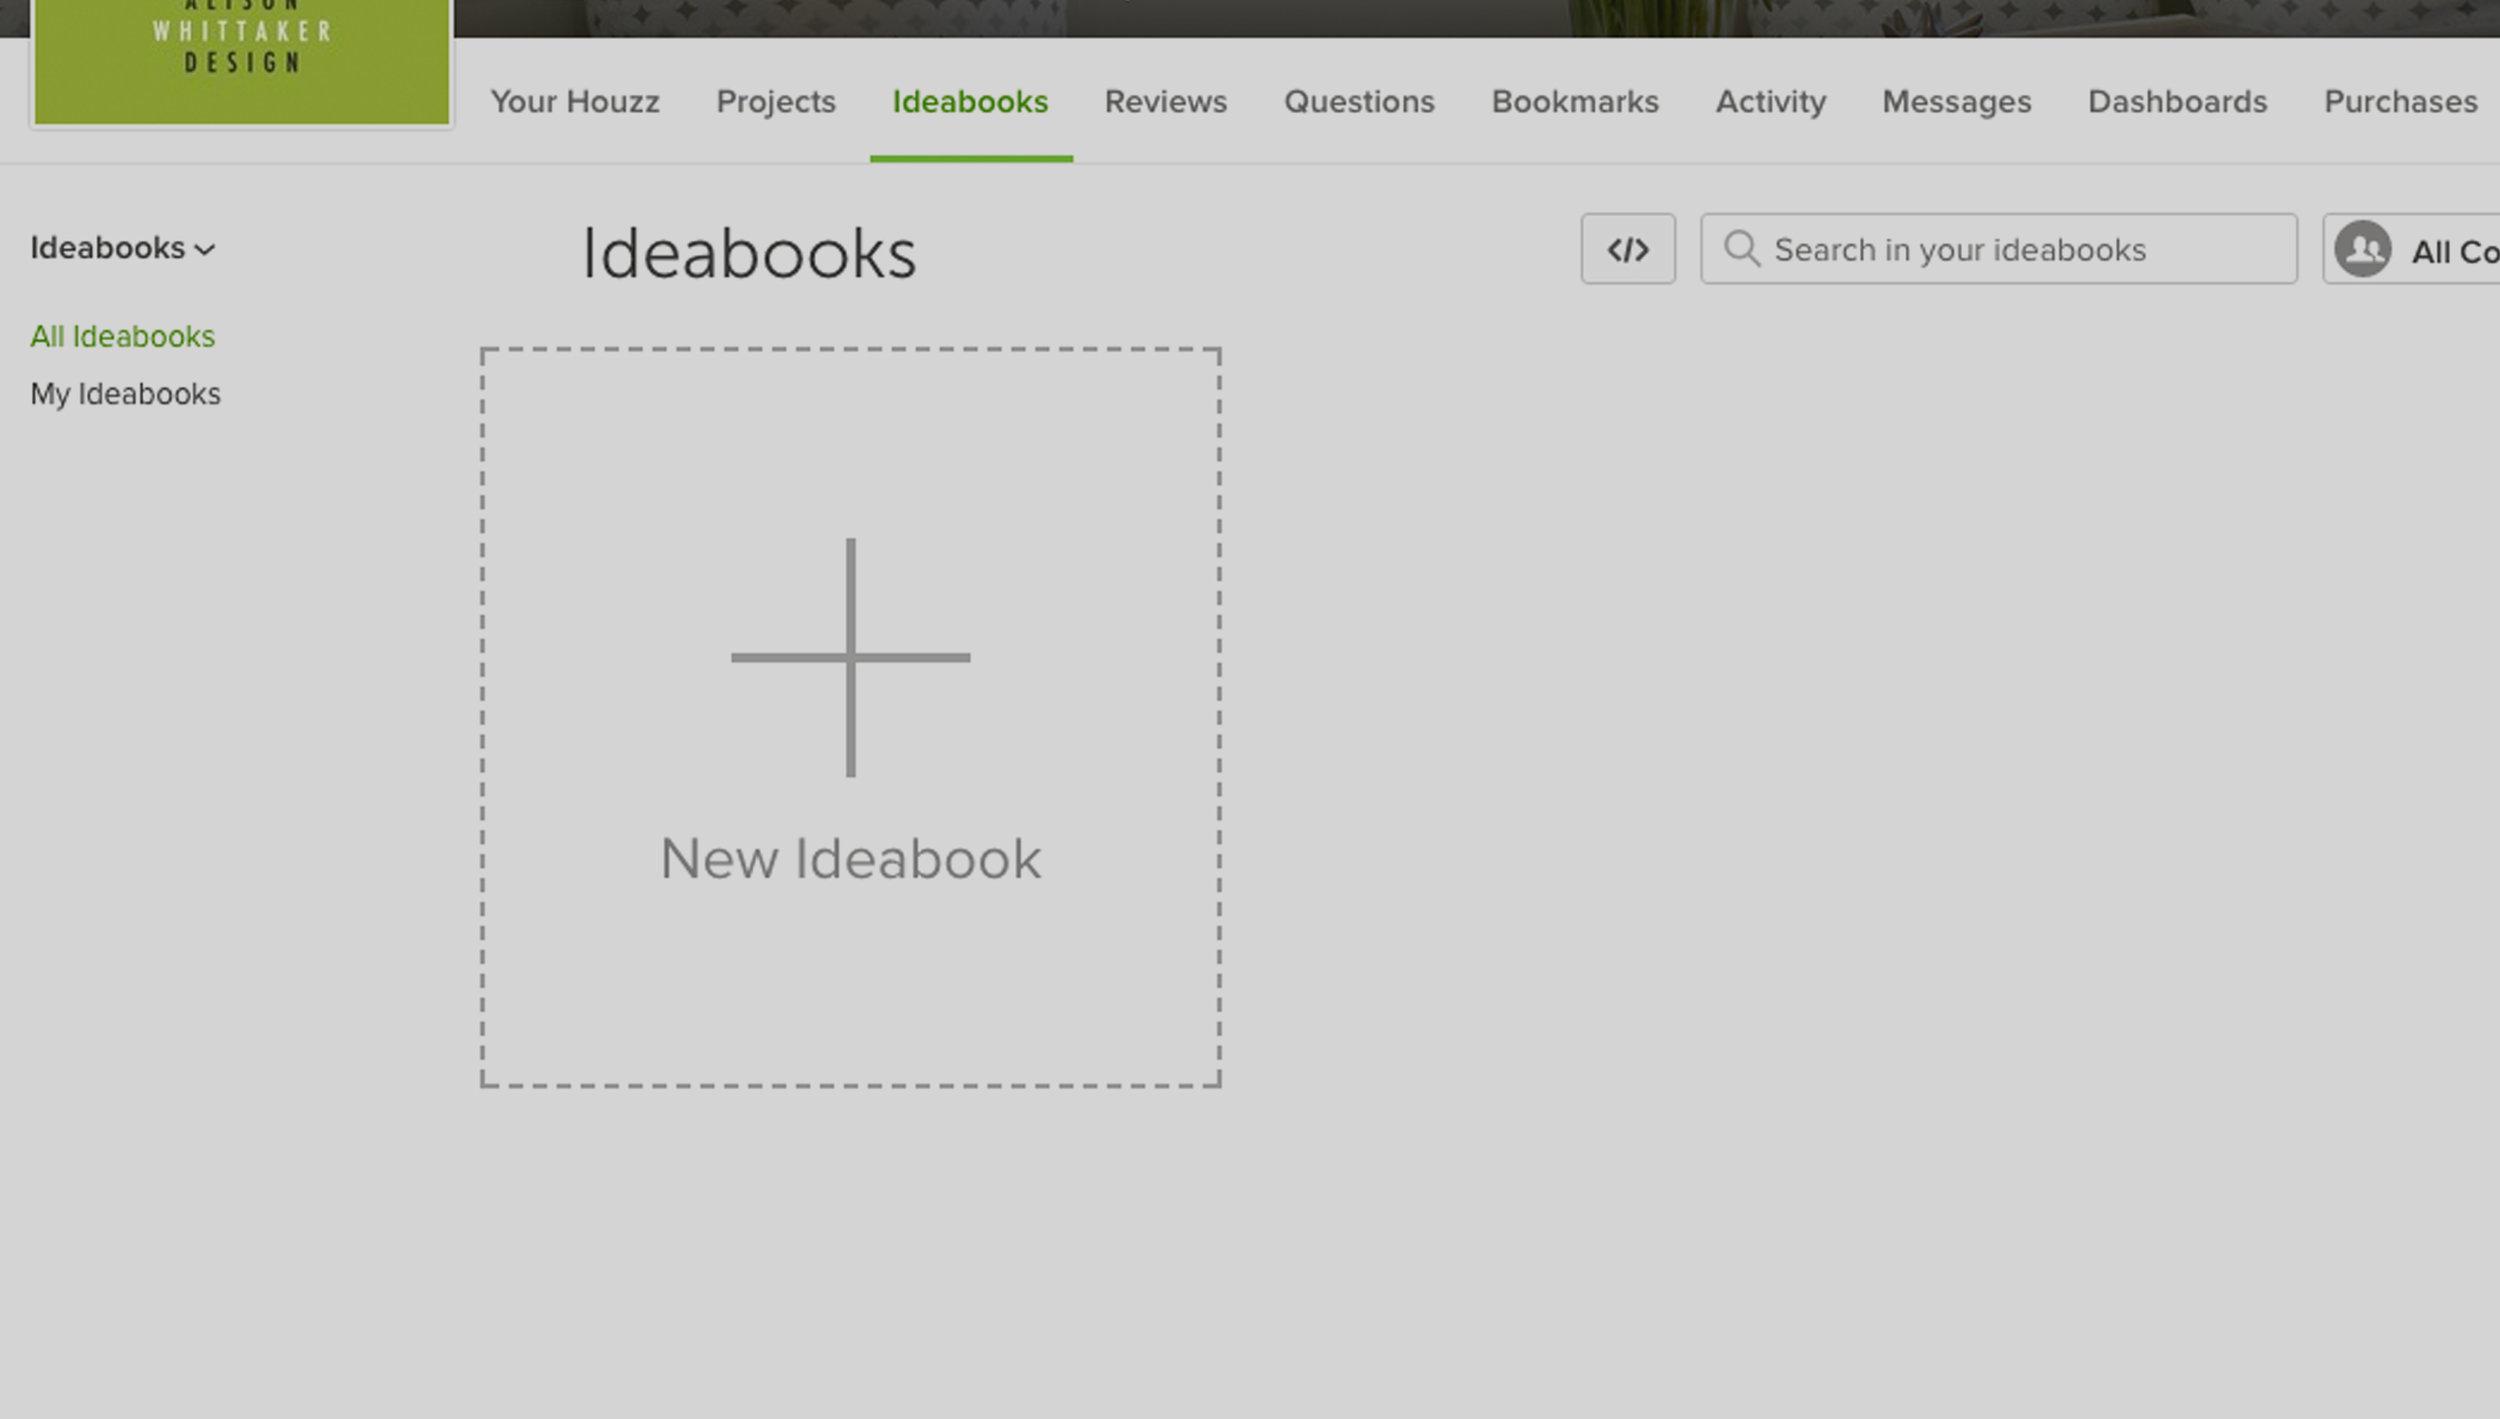 3. Start a Private Ideabook